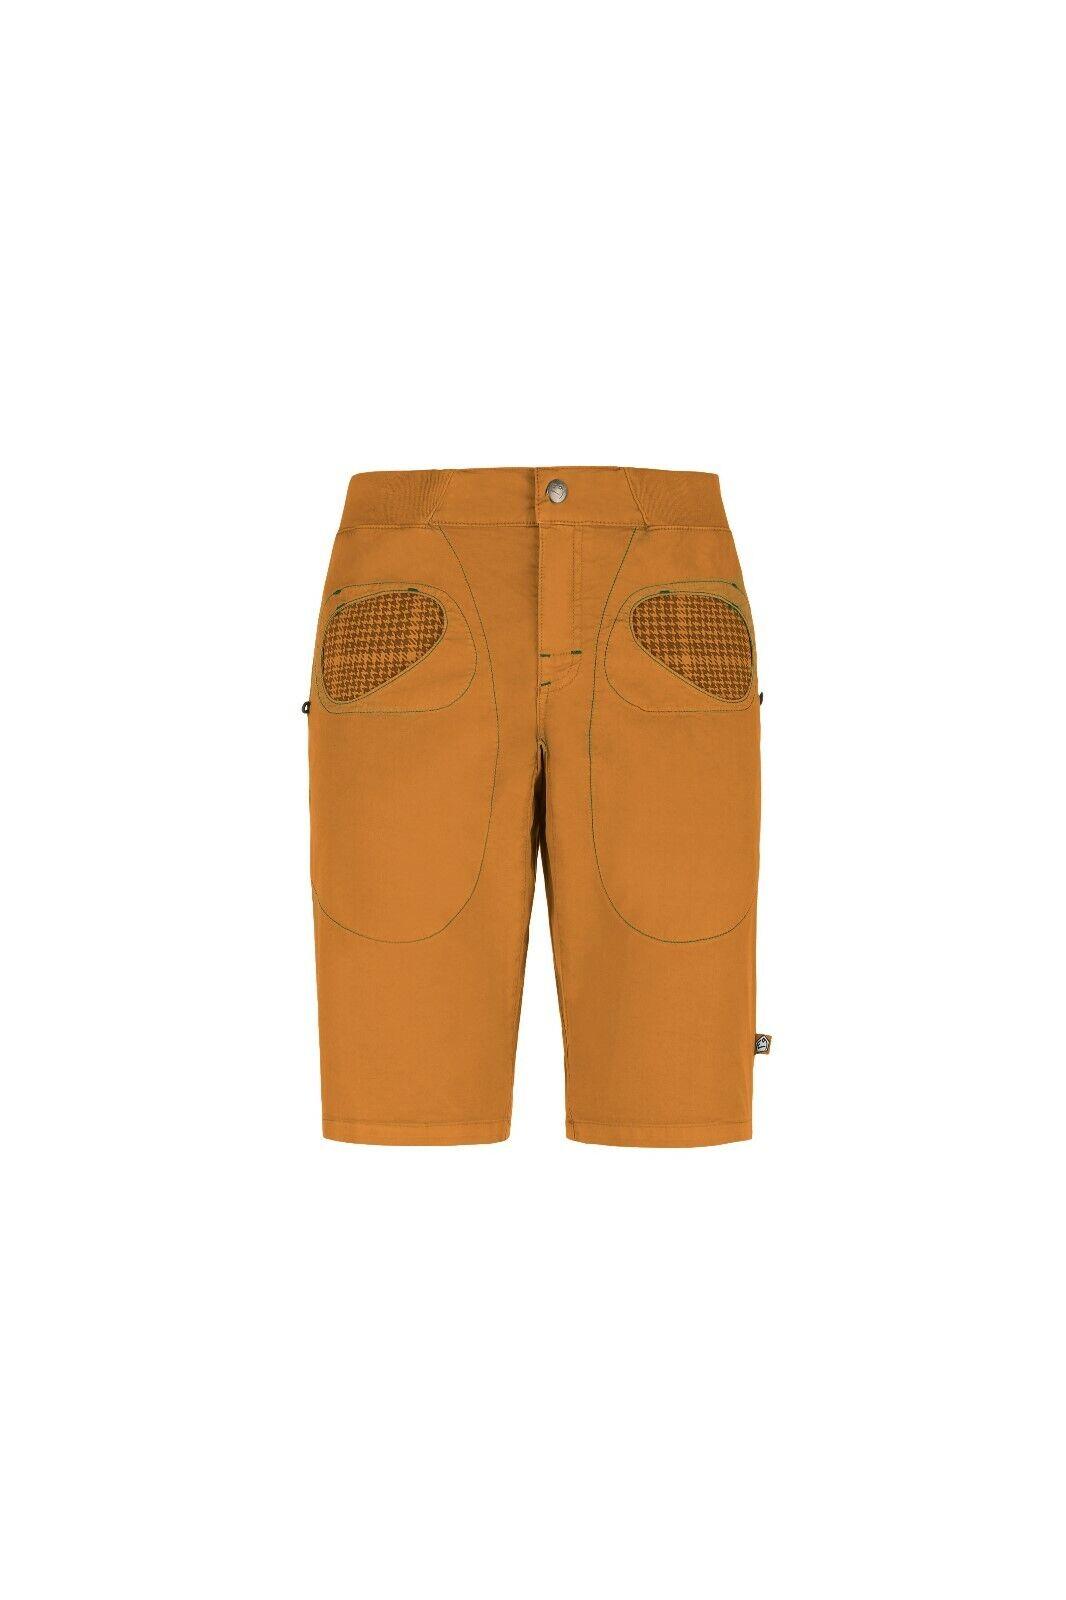 E9 Rondo Corto Pantalón Corto de Escalada Bouldershorts para Hombre Mostaza